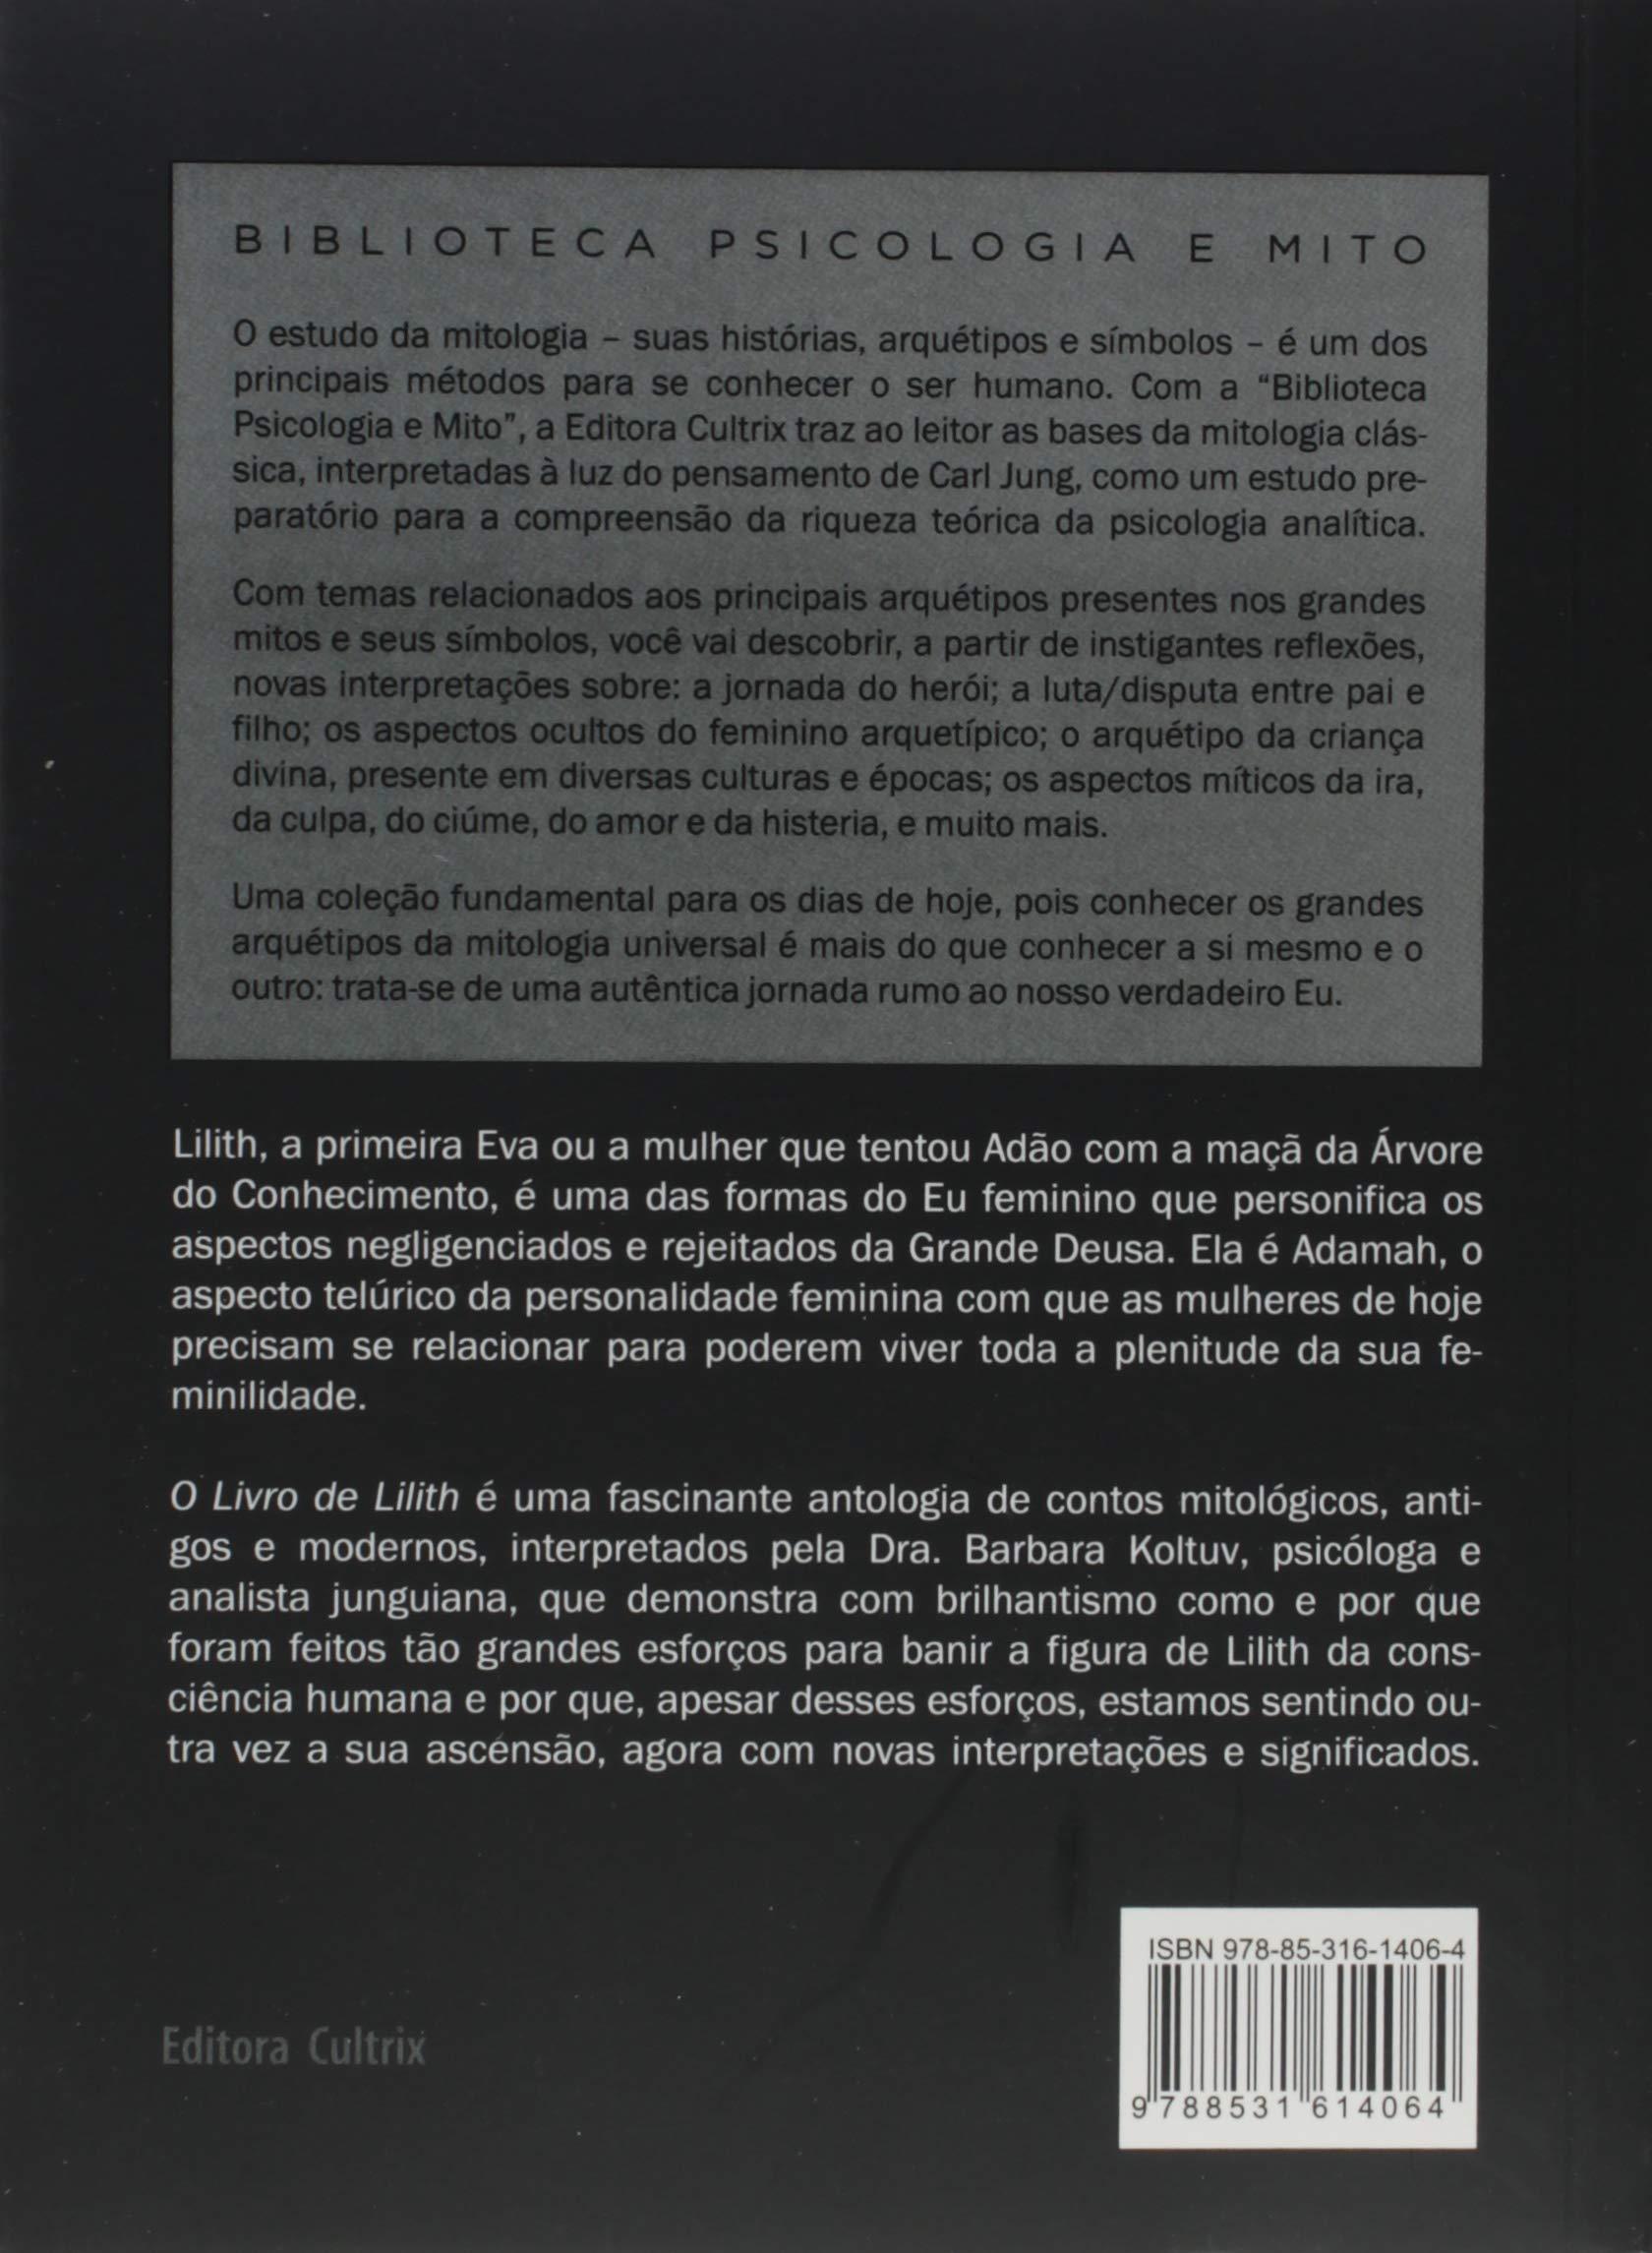 06a76dee0ef1 O livro de Lilith: o Resgate do Lado Sombrio do Feminino Universal -  9788531614064 - Livros na Amazon Brasil